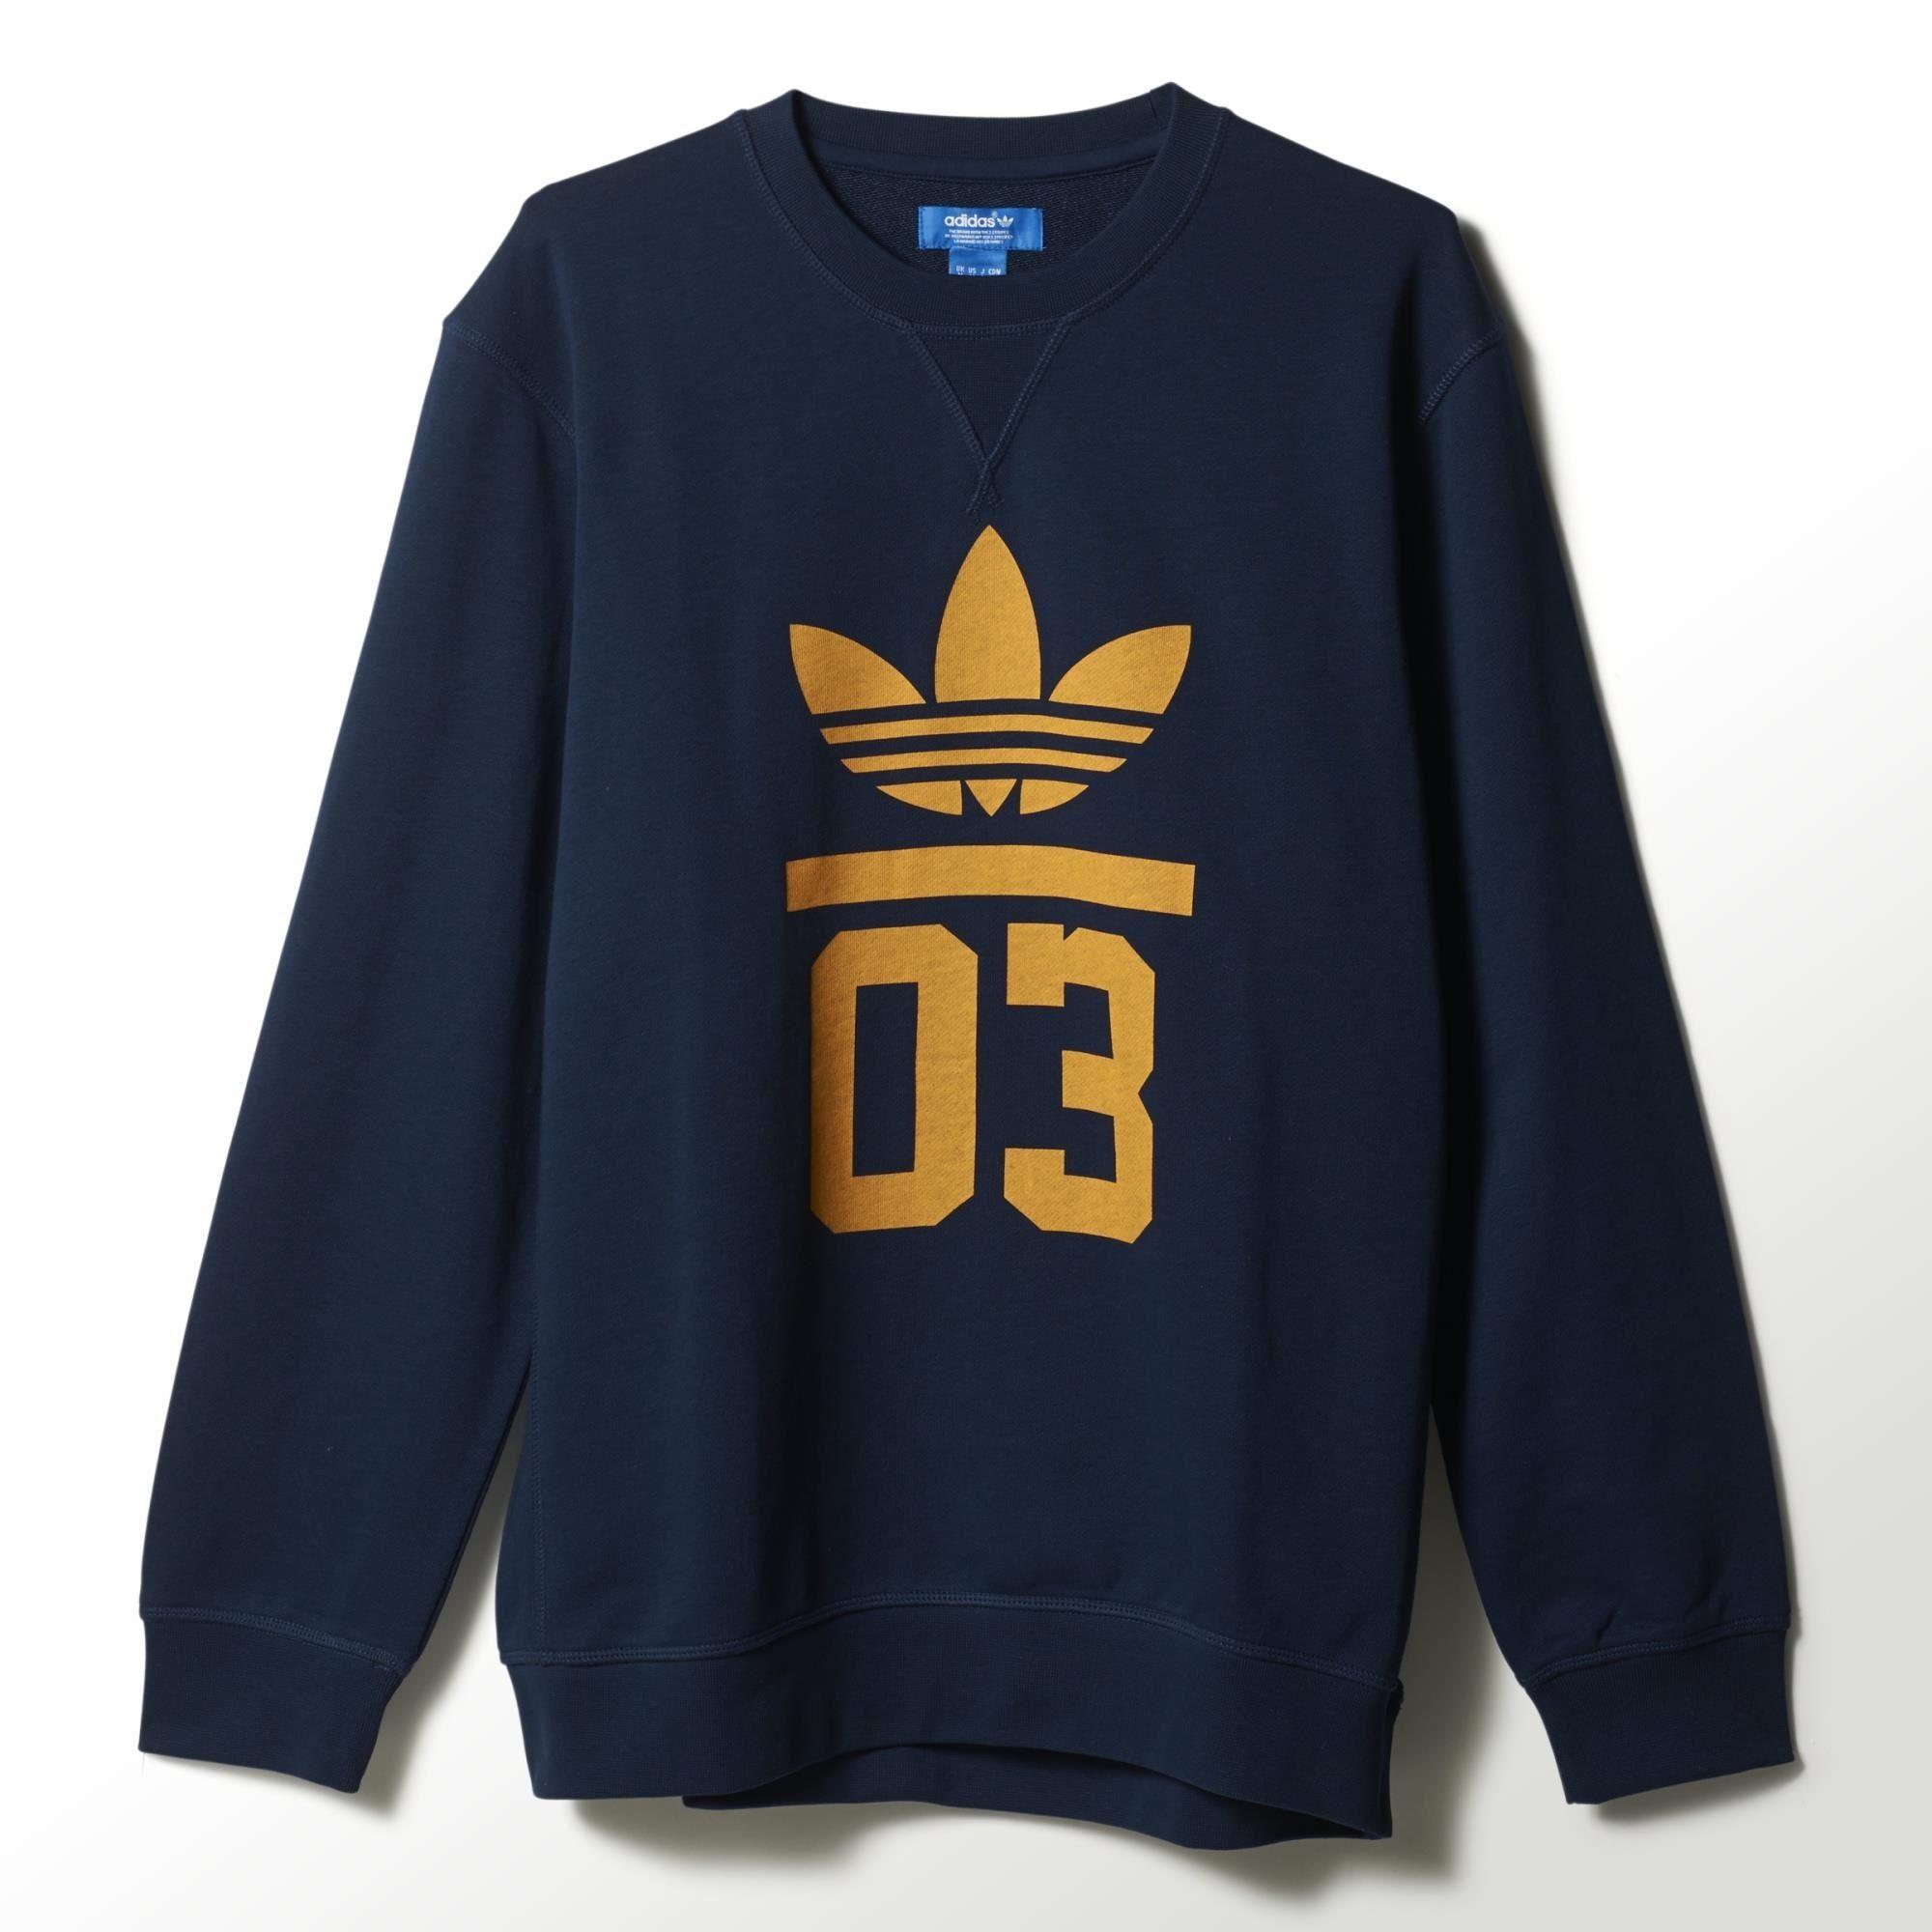 Originals Sudadera Adidas Crew 3foil marinoamarillo Od65WwHq